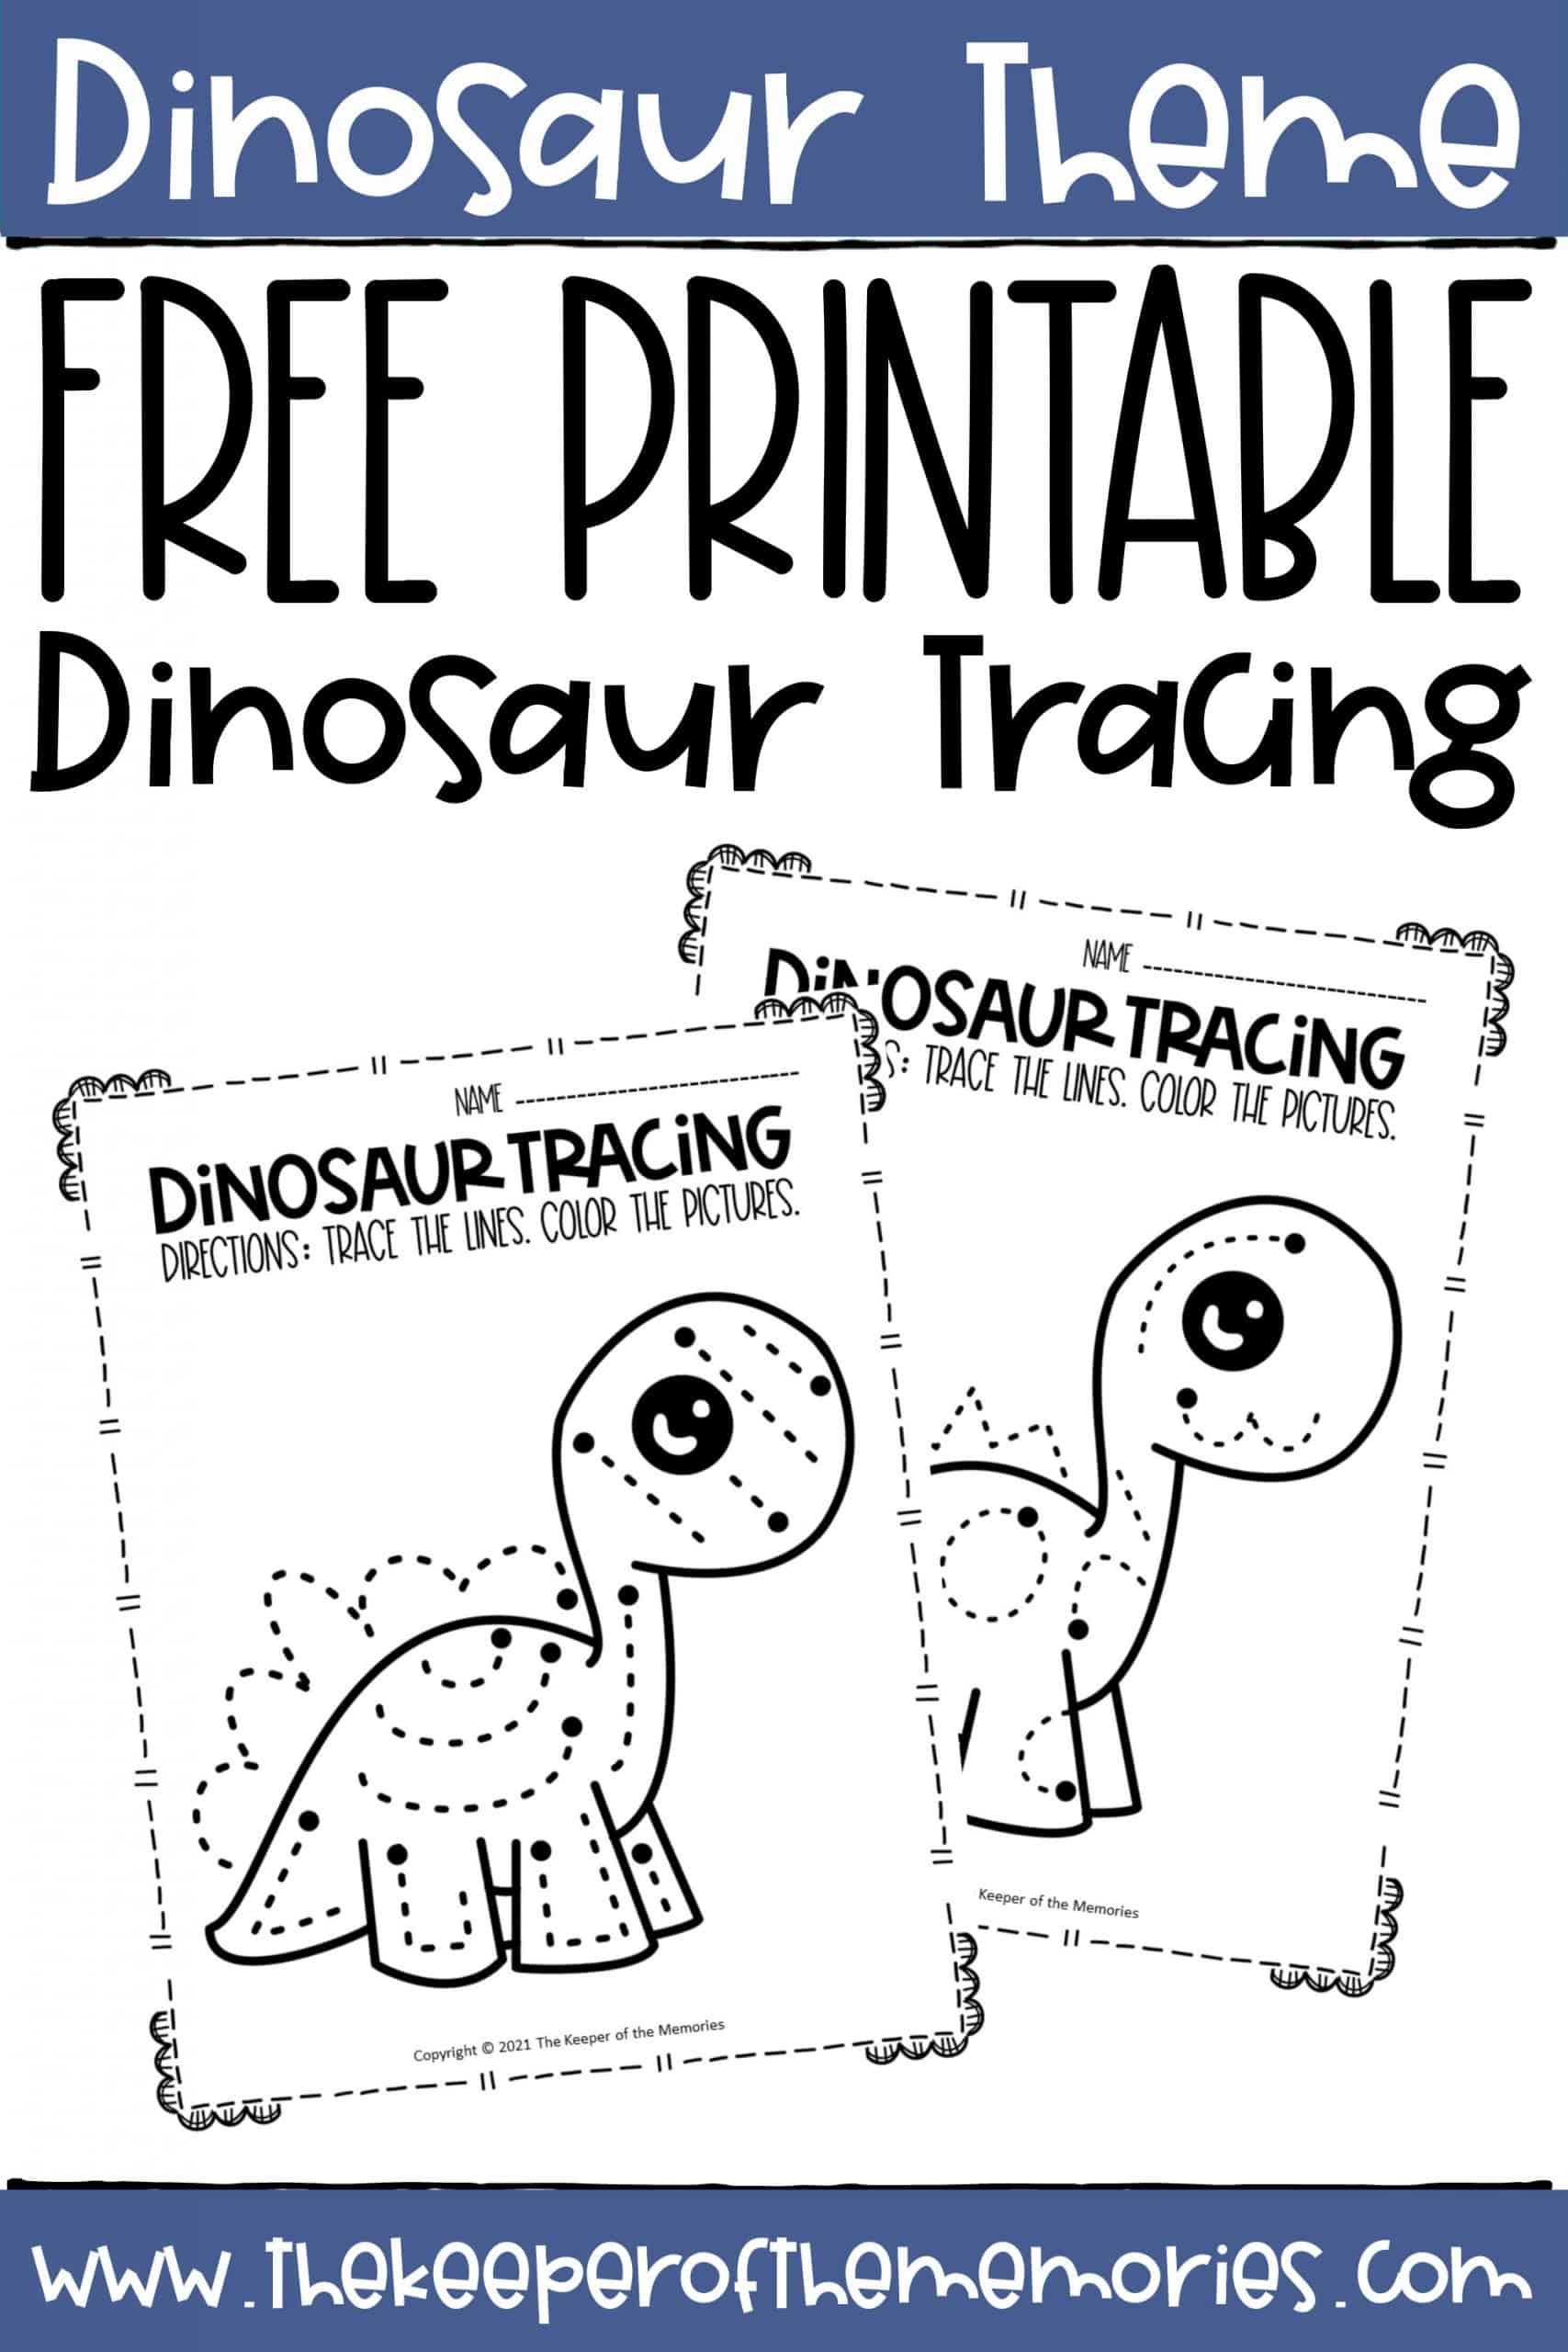 Free Printable Dinosaur Tracing Preschool Worksheets